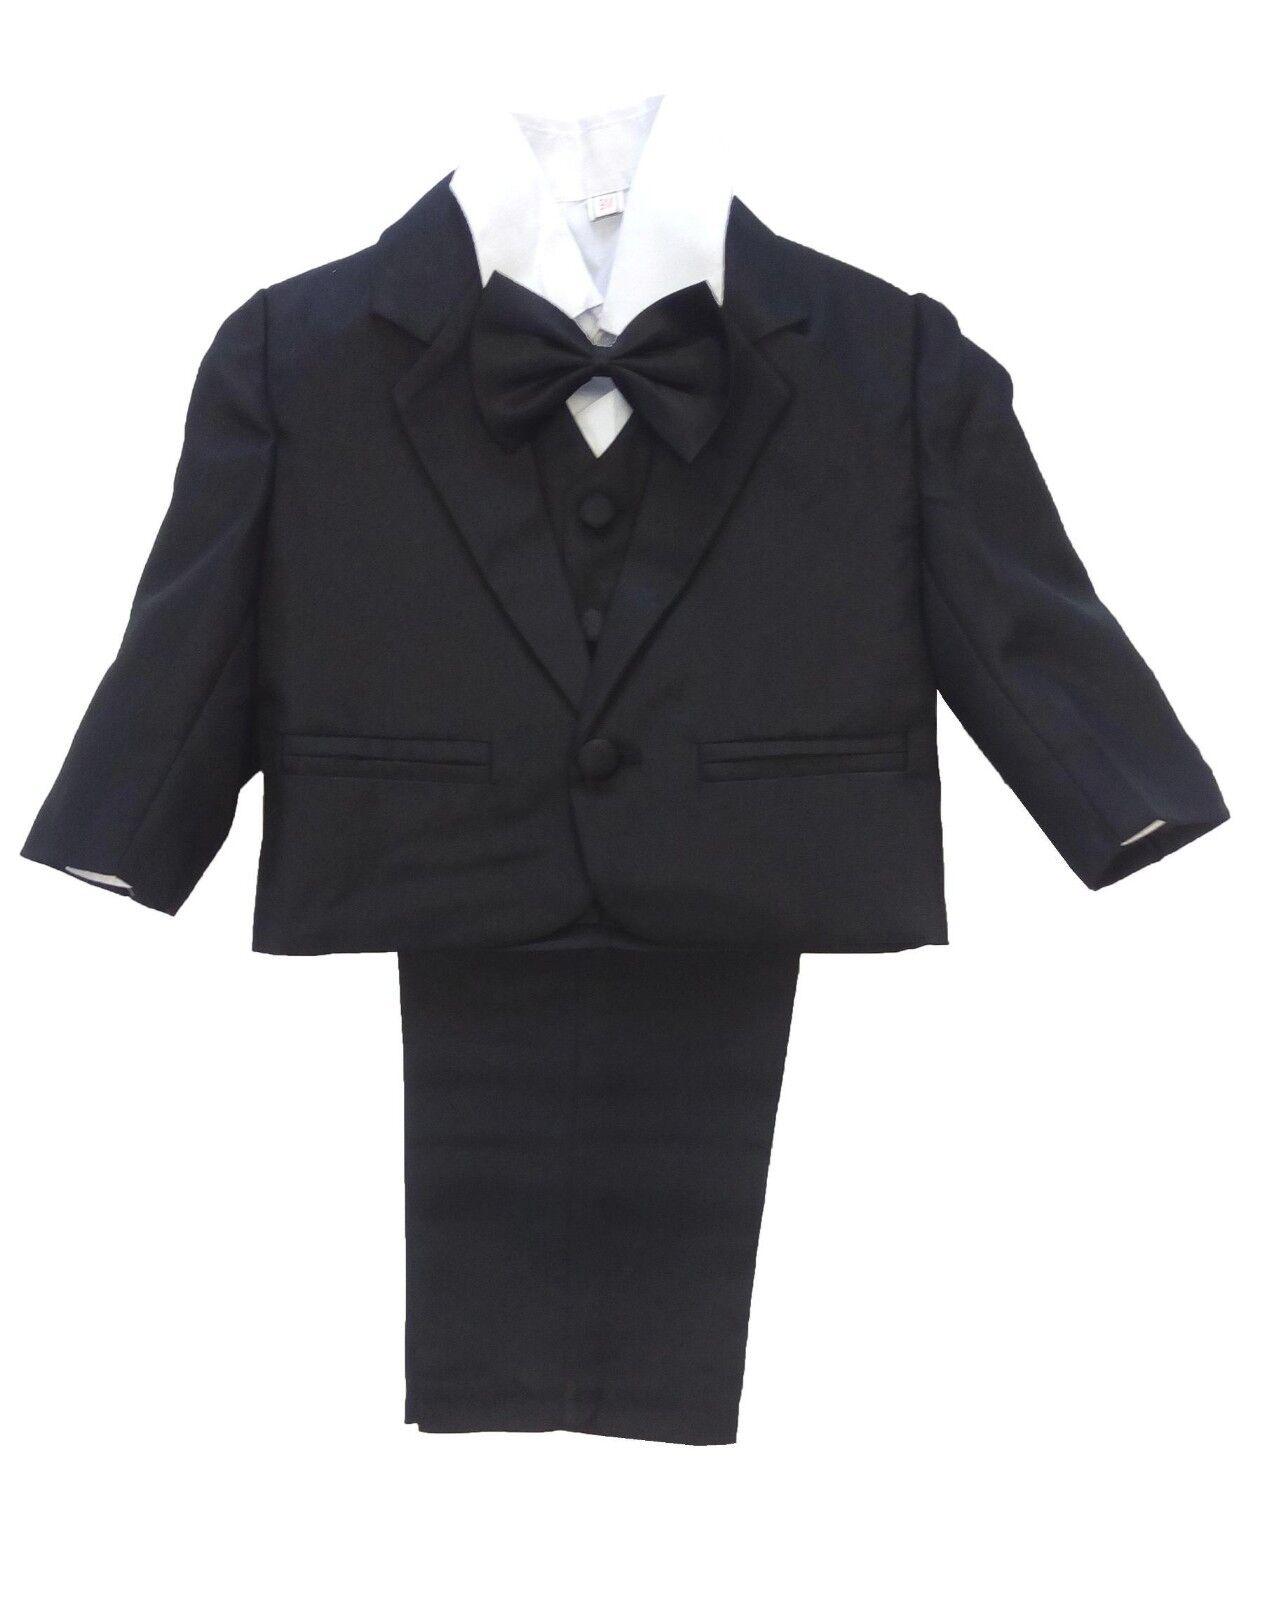 5tlg. Taufanzug / Babyanzug / Anzug mit Smoking-Hemd für Jungen, schwarz div. Gr